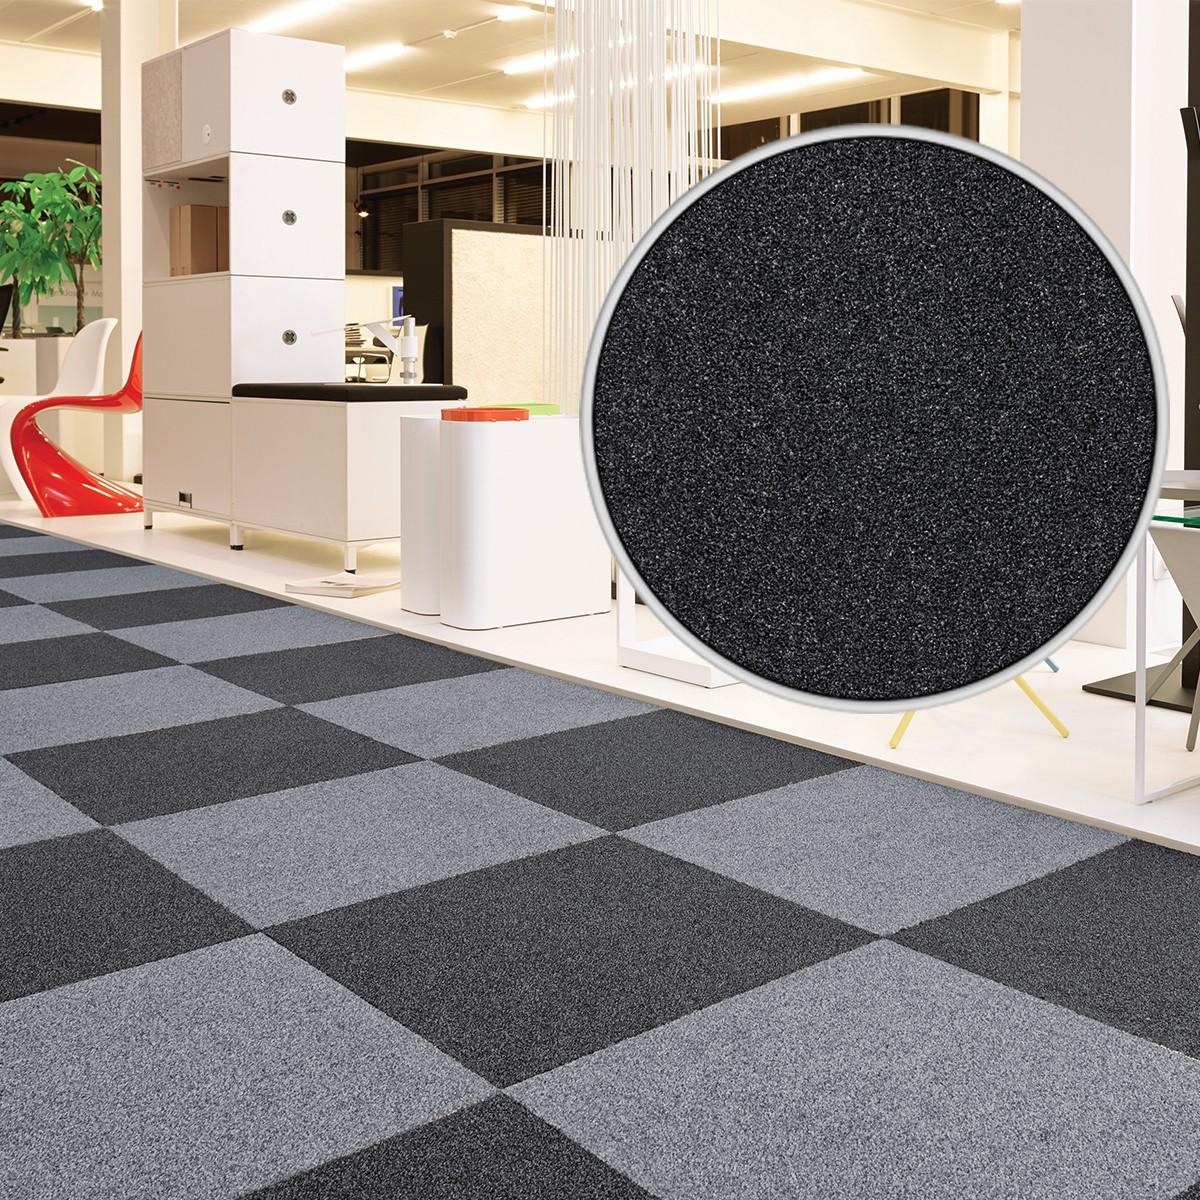 teppichfliese velour schwarz intrigo 50x50 cm. Black Bedroom Furniture Sets. Home Design Ideas